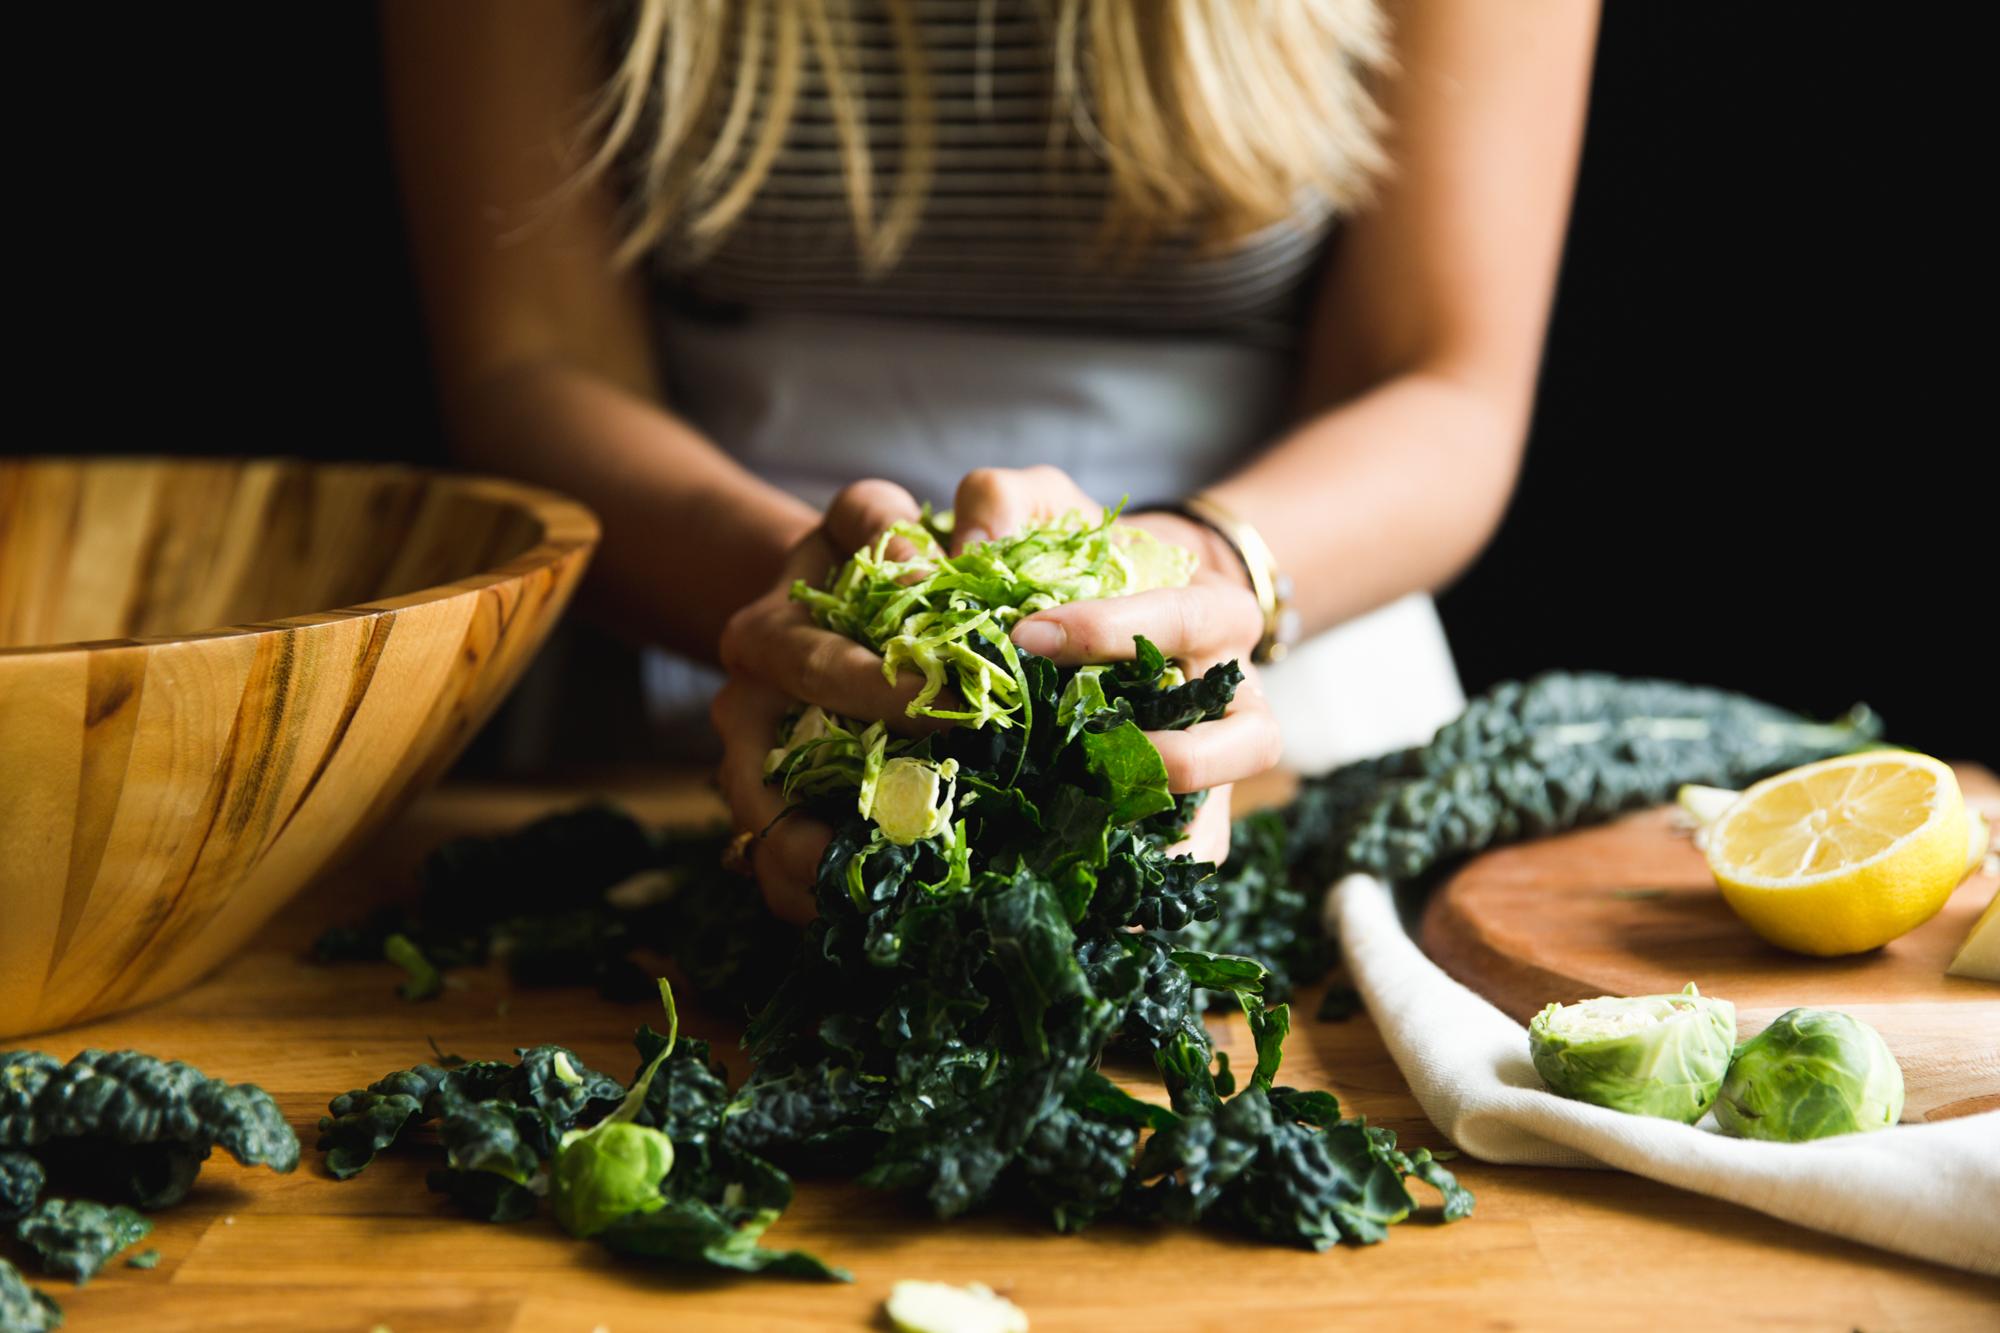 citurs kale salad recipe7.jpg